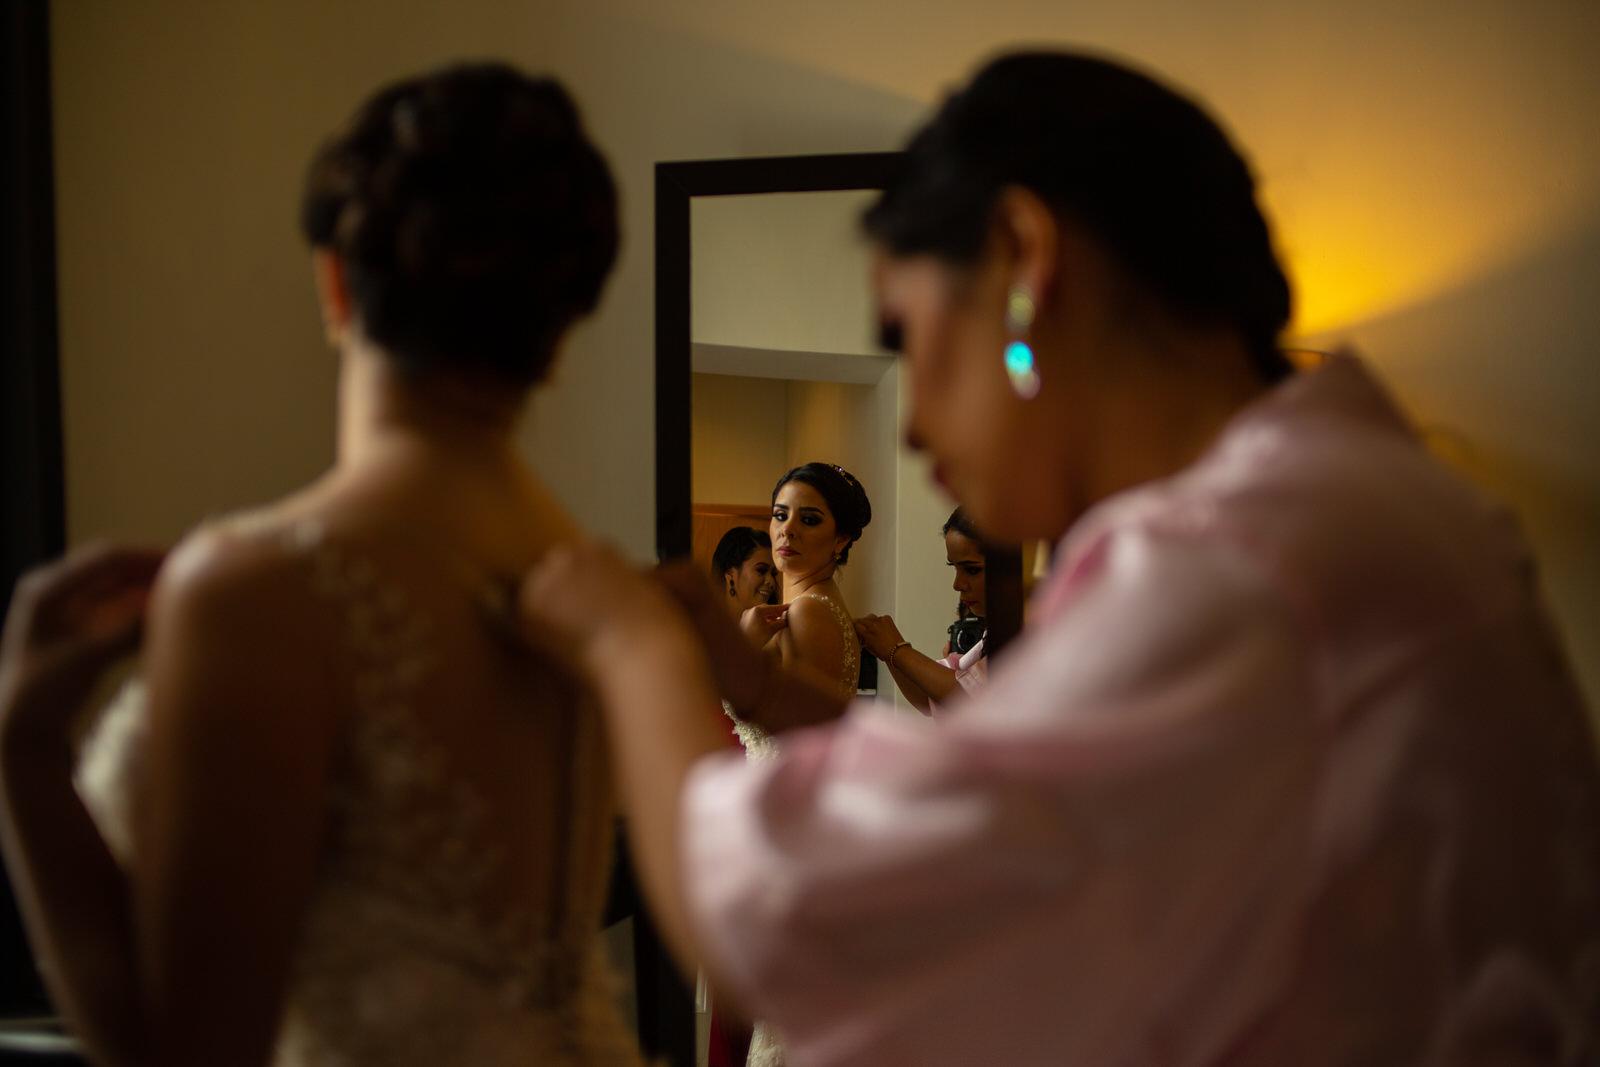 marcos_sanchez_fotografo-de-bodas_de_destino_bodas_en_guadalajara74.jpg